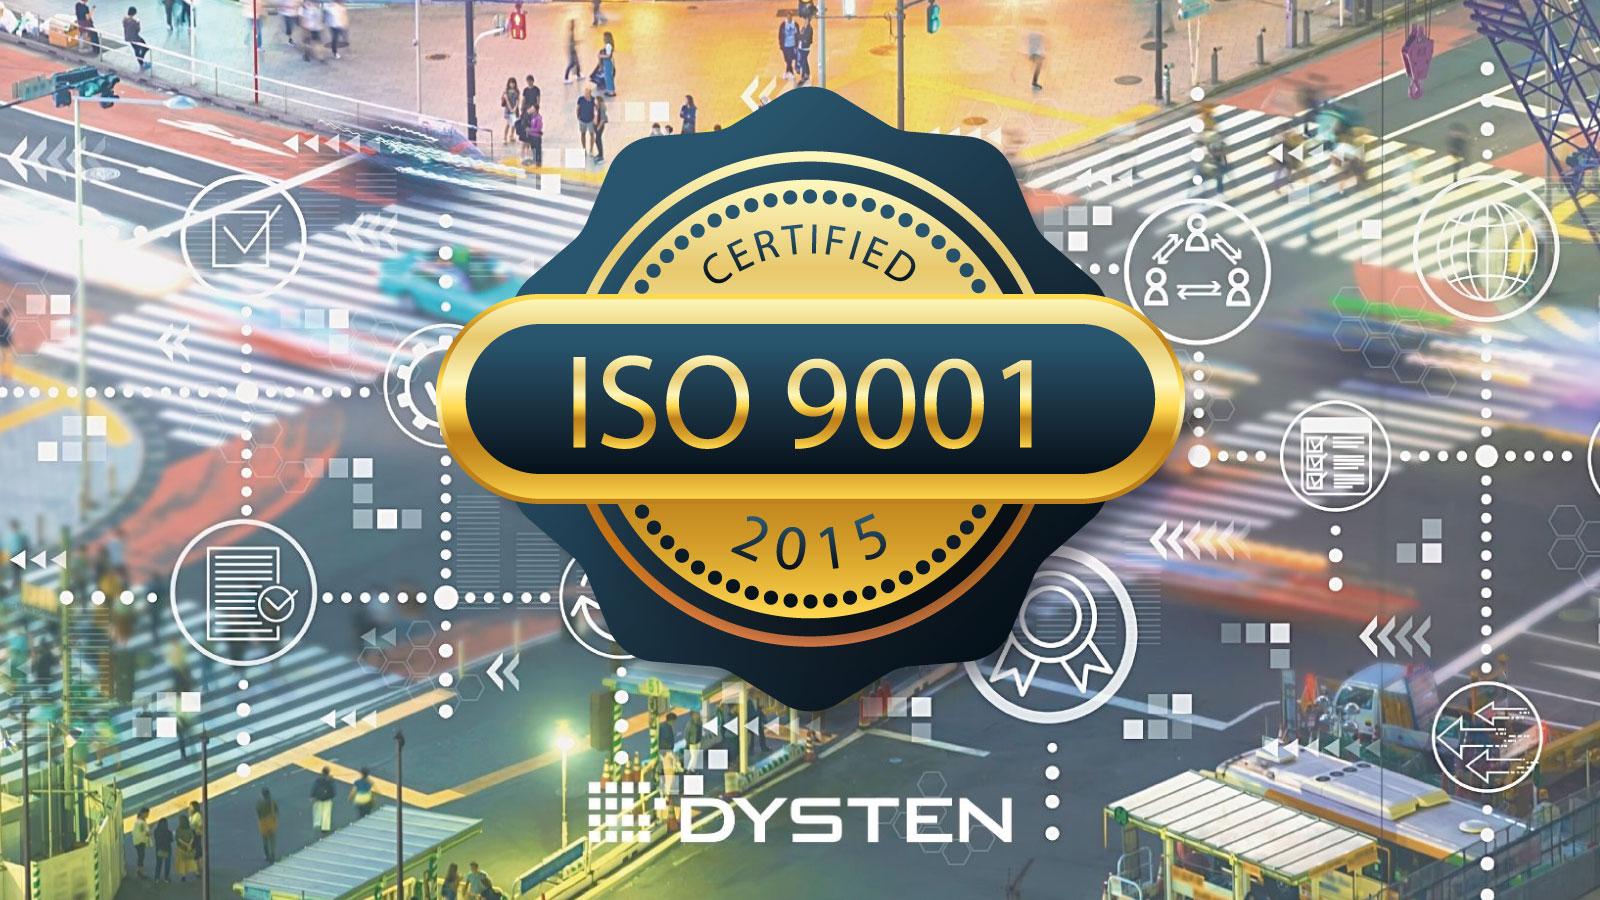 ISO9001:2015 Dysten company certified